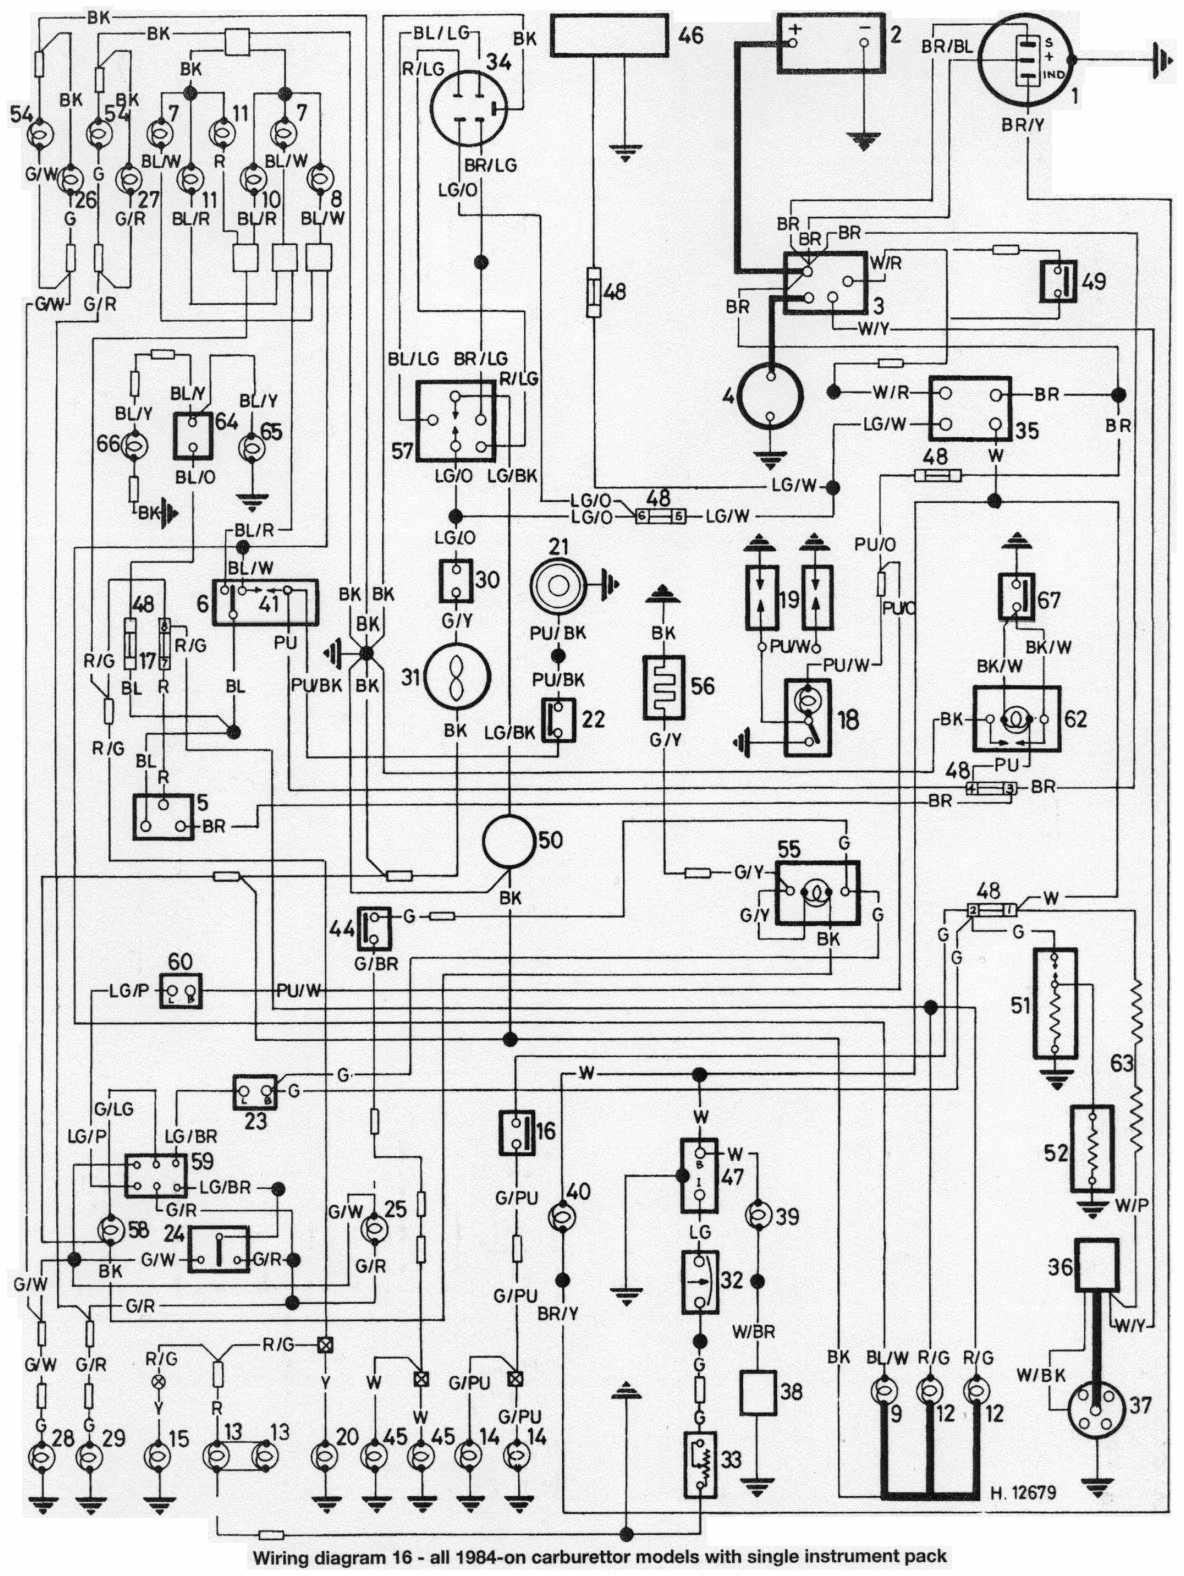 small resolution of 1967 mini wiring diagram wiring diagram todays rh 4 7 12 1813weddingbarn com 1967 vw wiring diagram 1967 ford wiring diagram